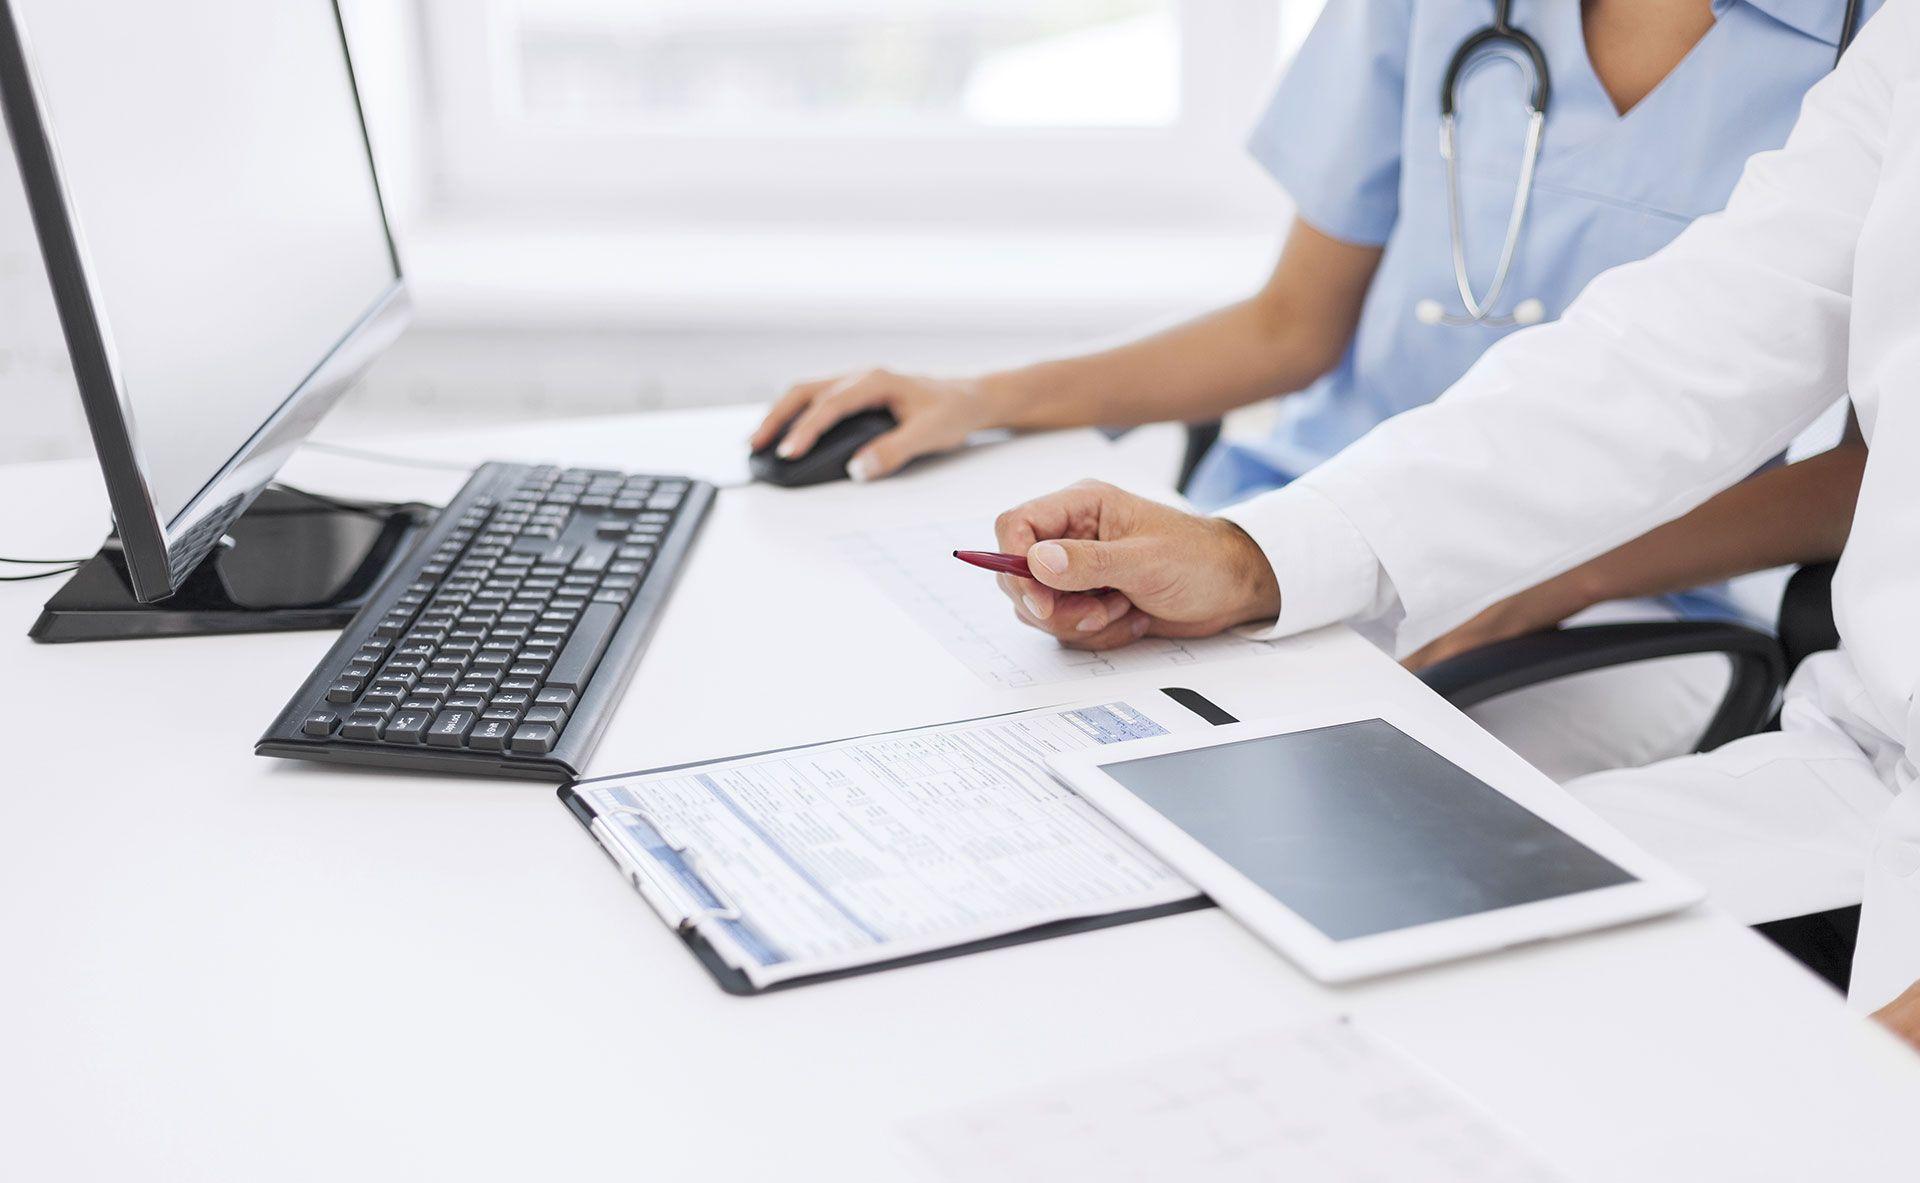 Πόσα Χρήματα Ξοδεύετε για το Μάρκετινγκ του Ιατρείου σας